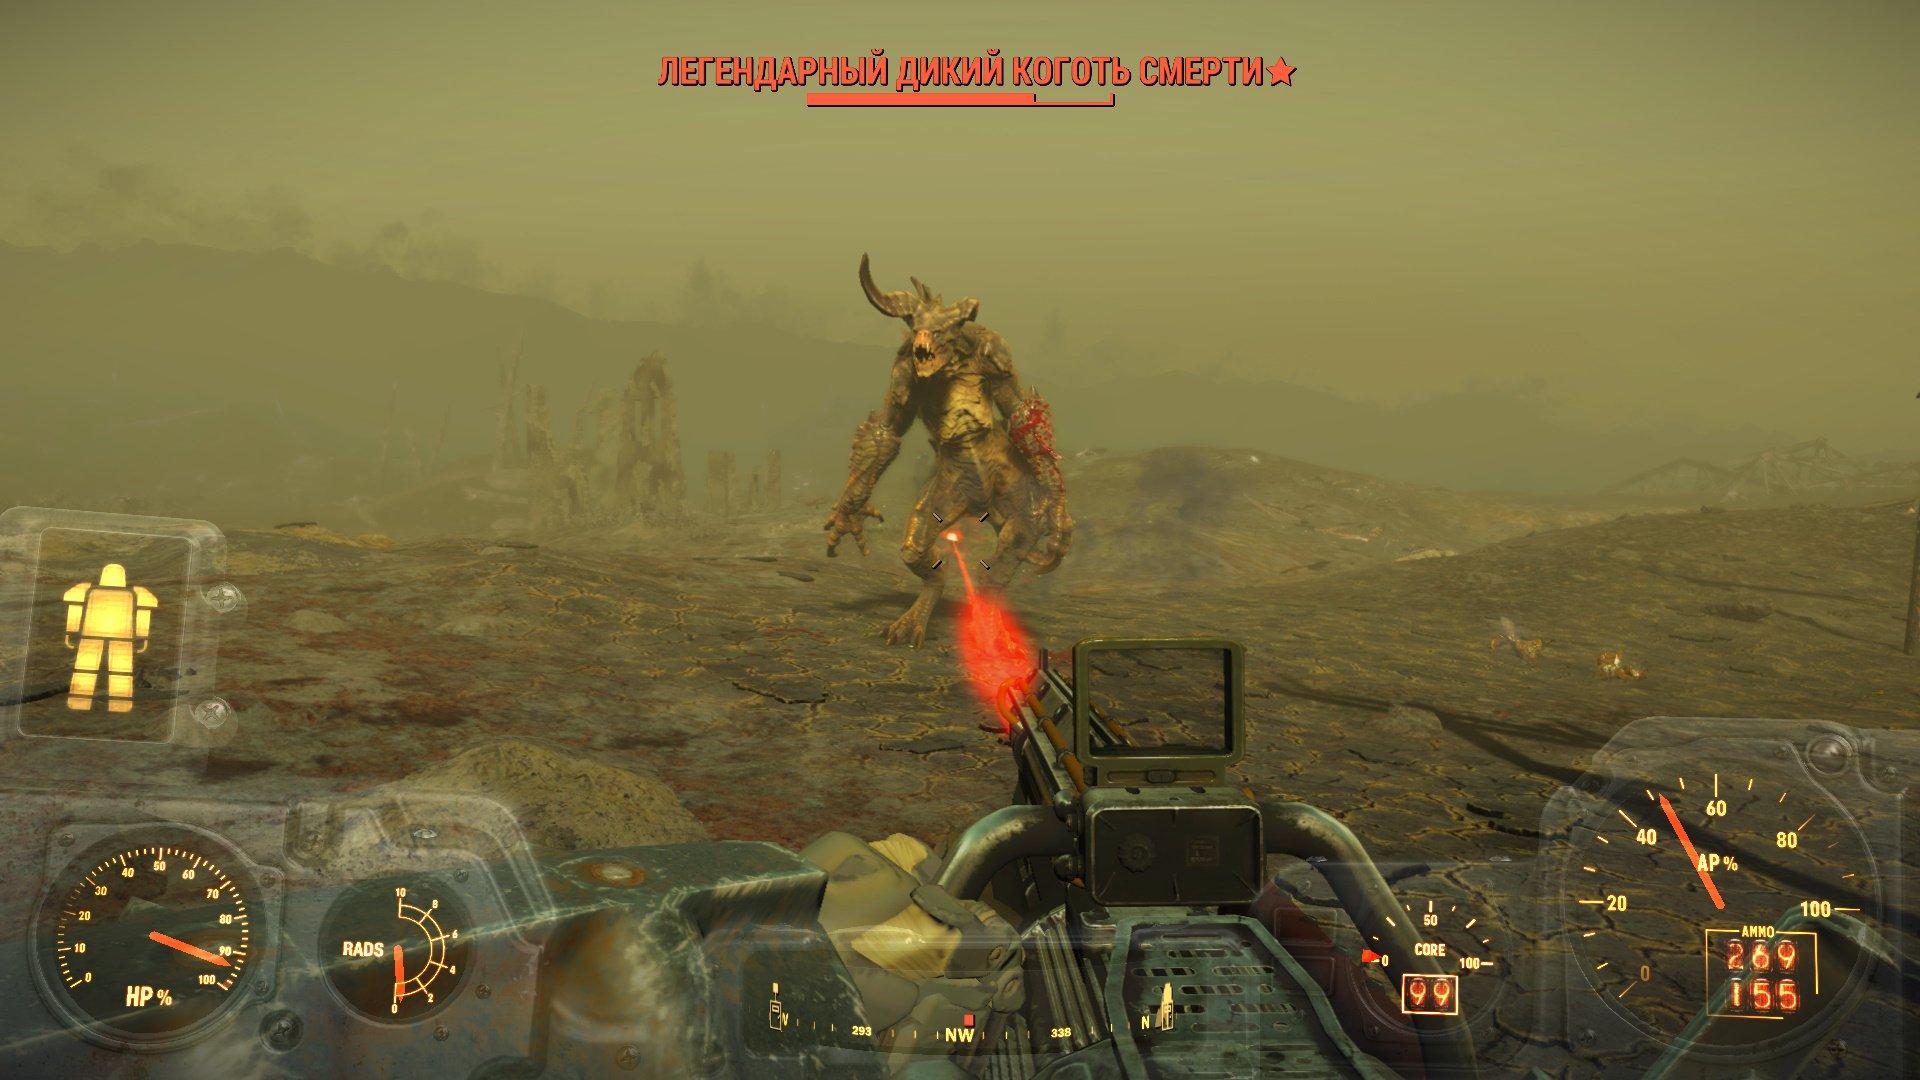 Сравнительный анализ (на самом деле нет) Fallout New Vegas vs. Fallout 4 (часть 1) - Изображение 12